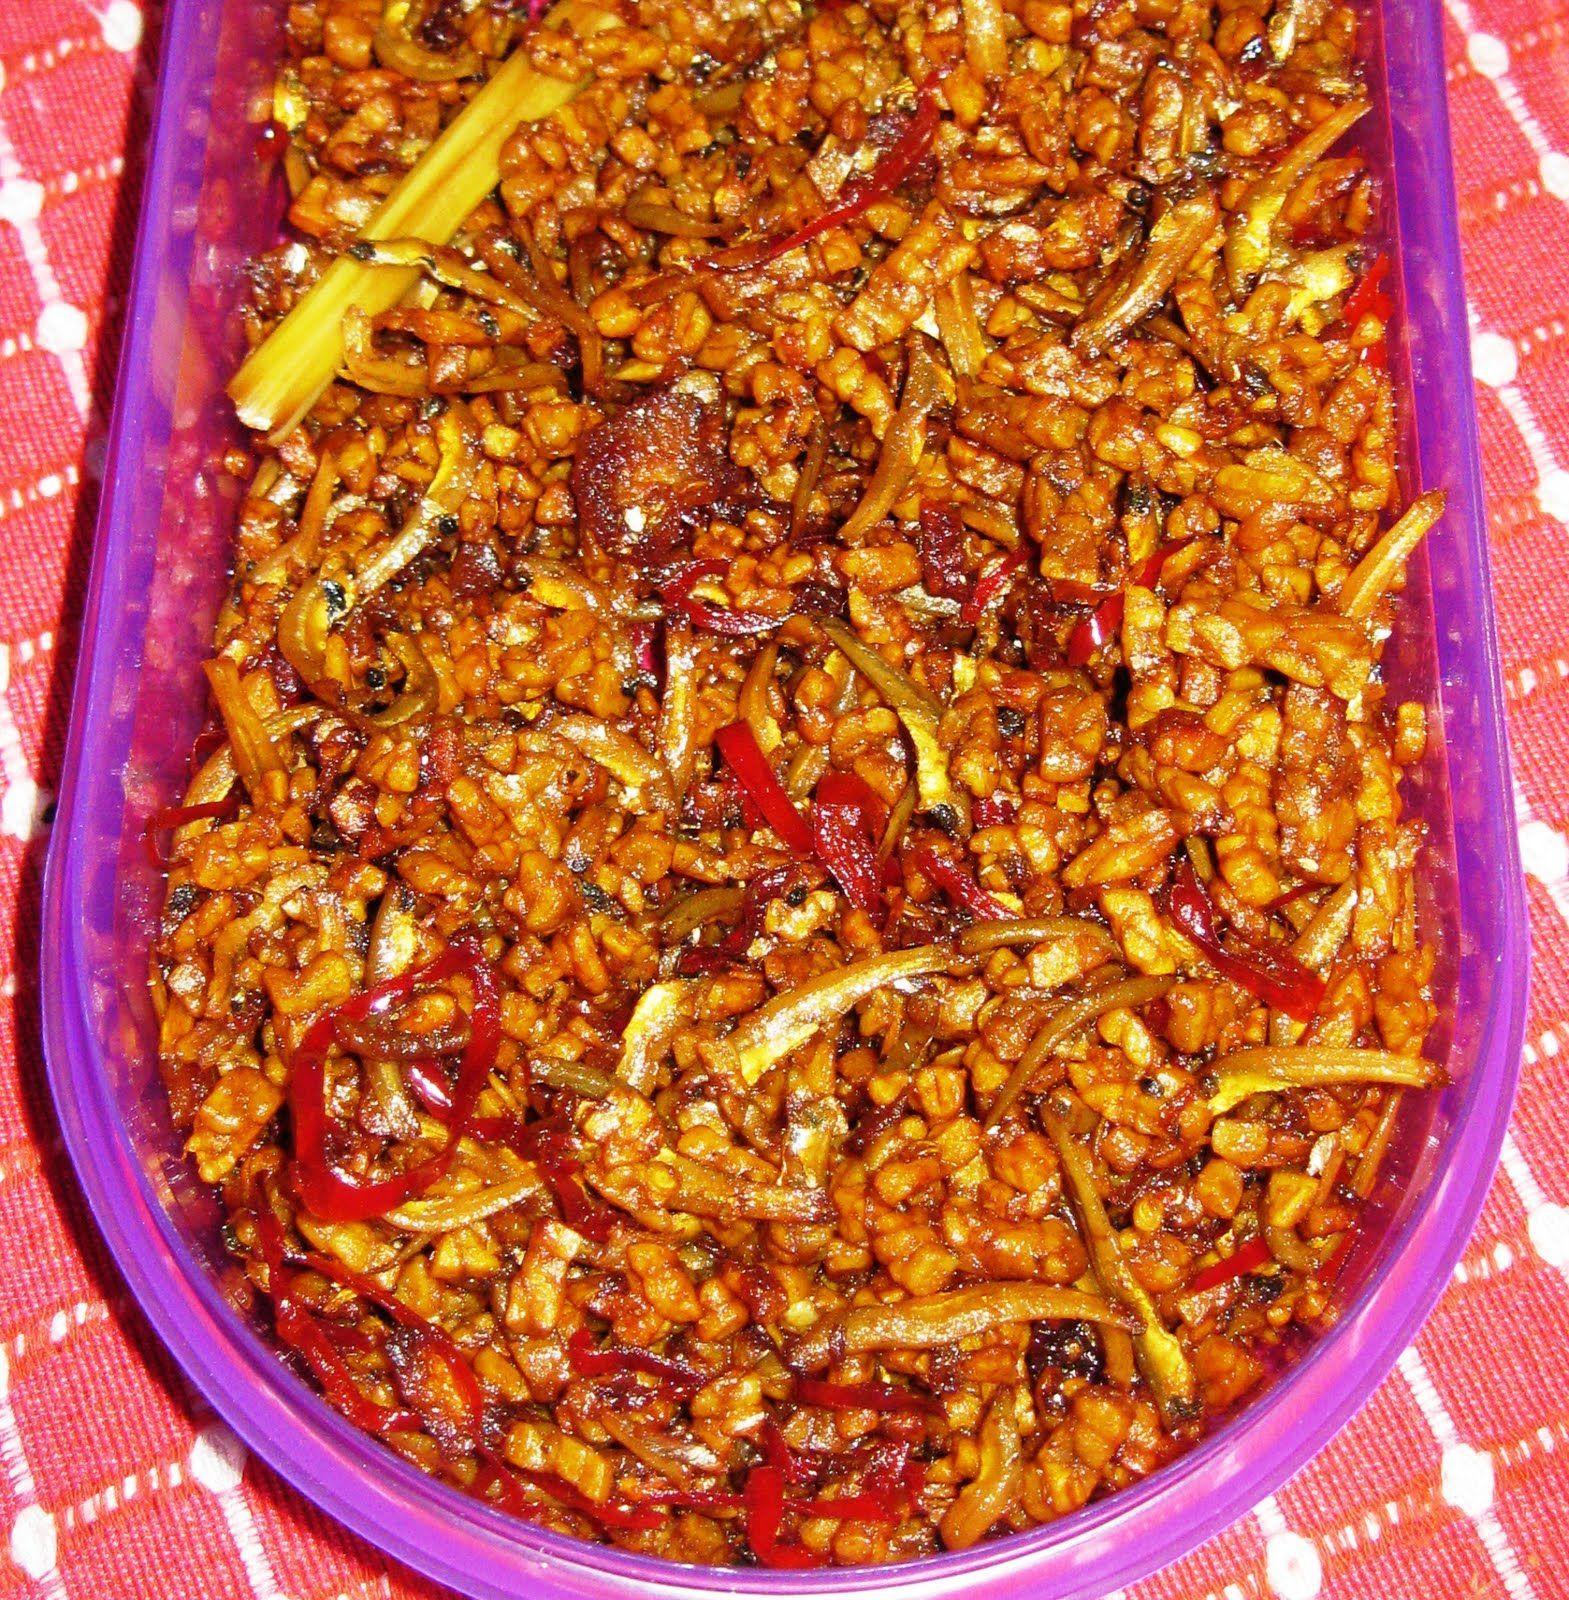 Aneka Resep Masakan Gampang Dibuat Dan Praktis Resep Masakan Masakan Resep